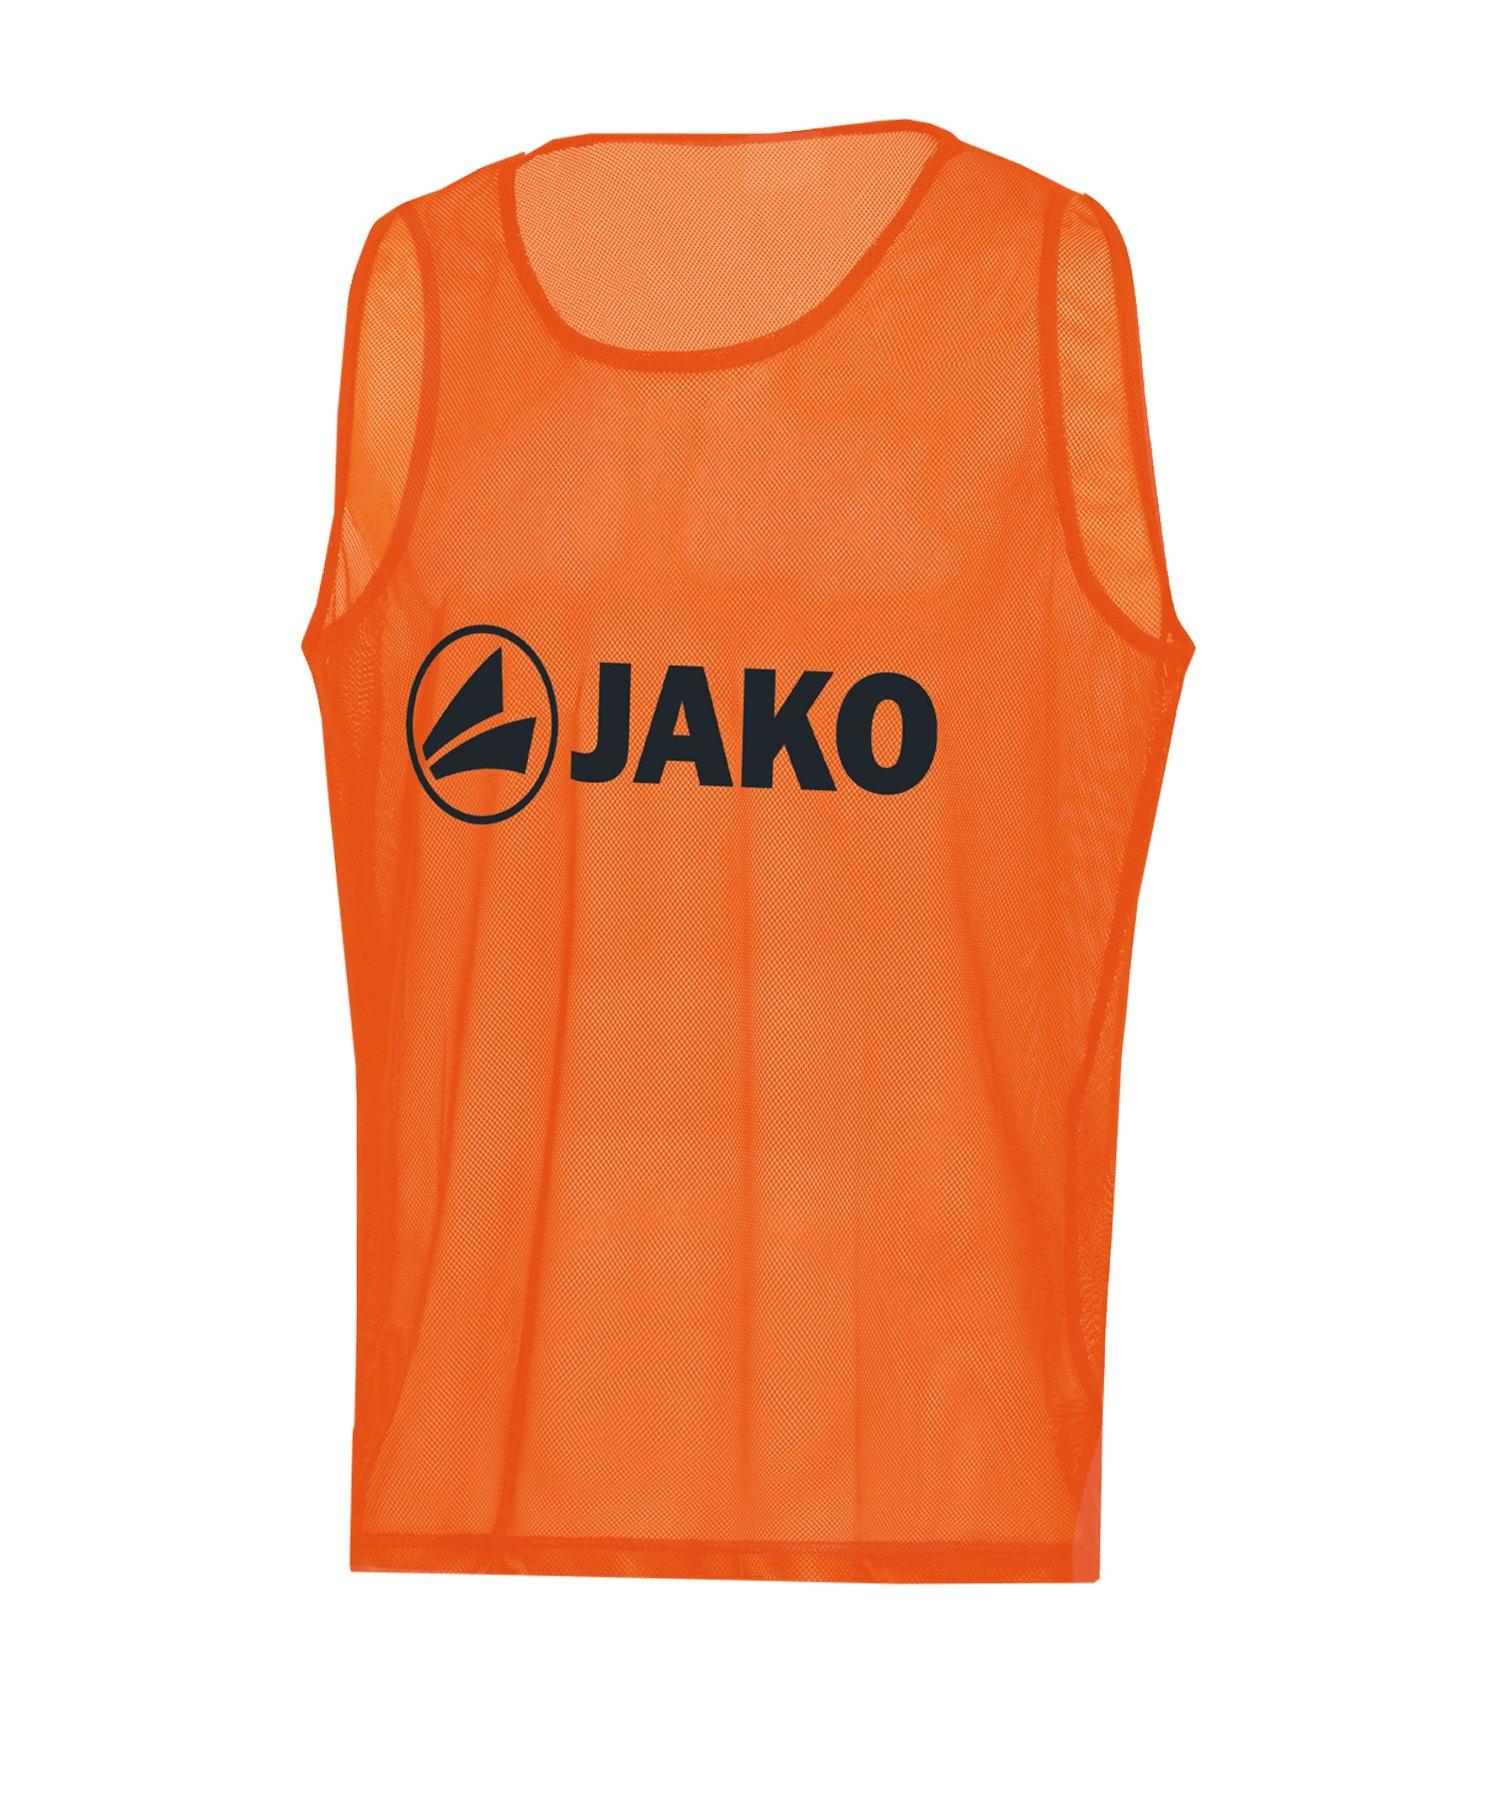 JAKO Classic 2.0 Kennzeichnungshemd Orange F19 - orange